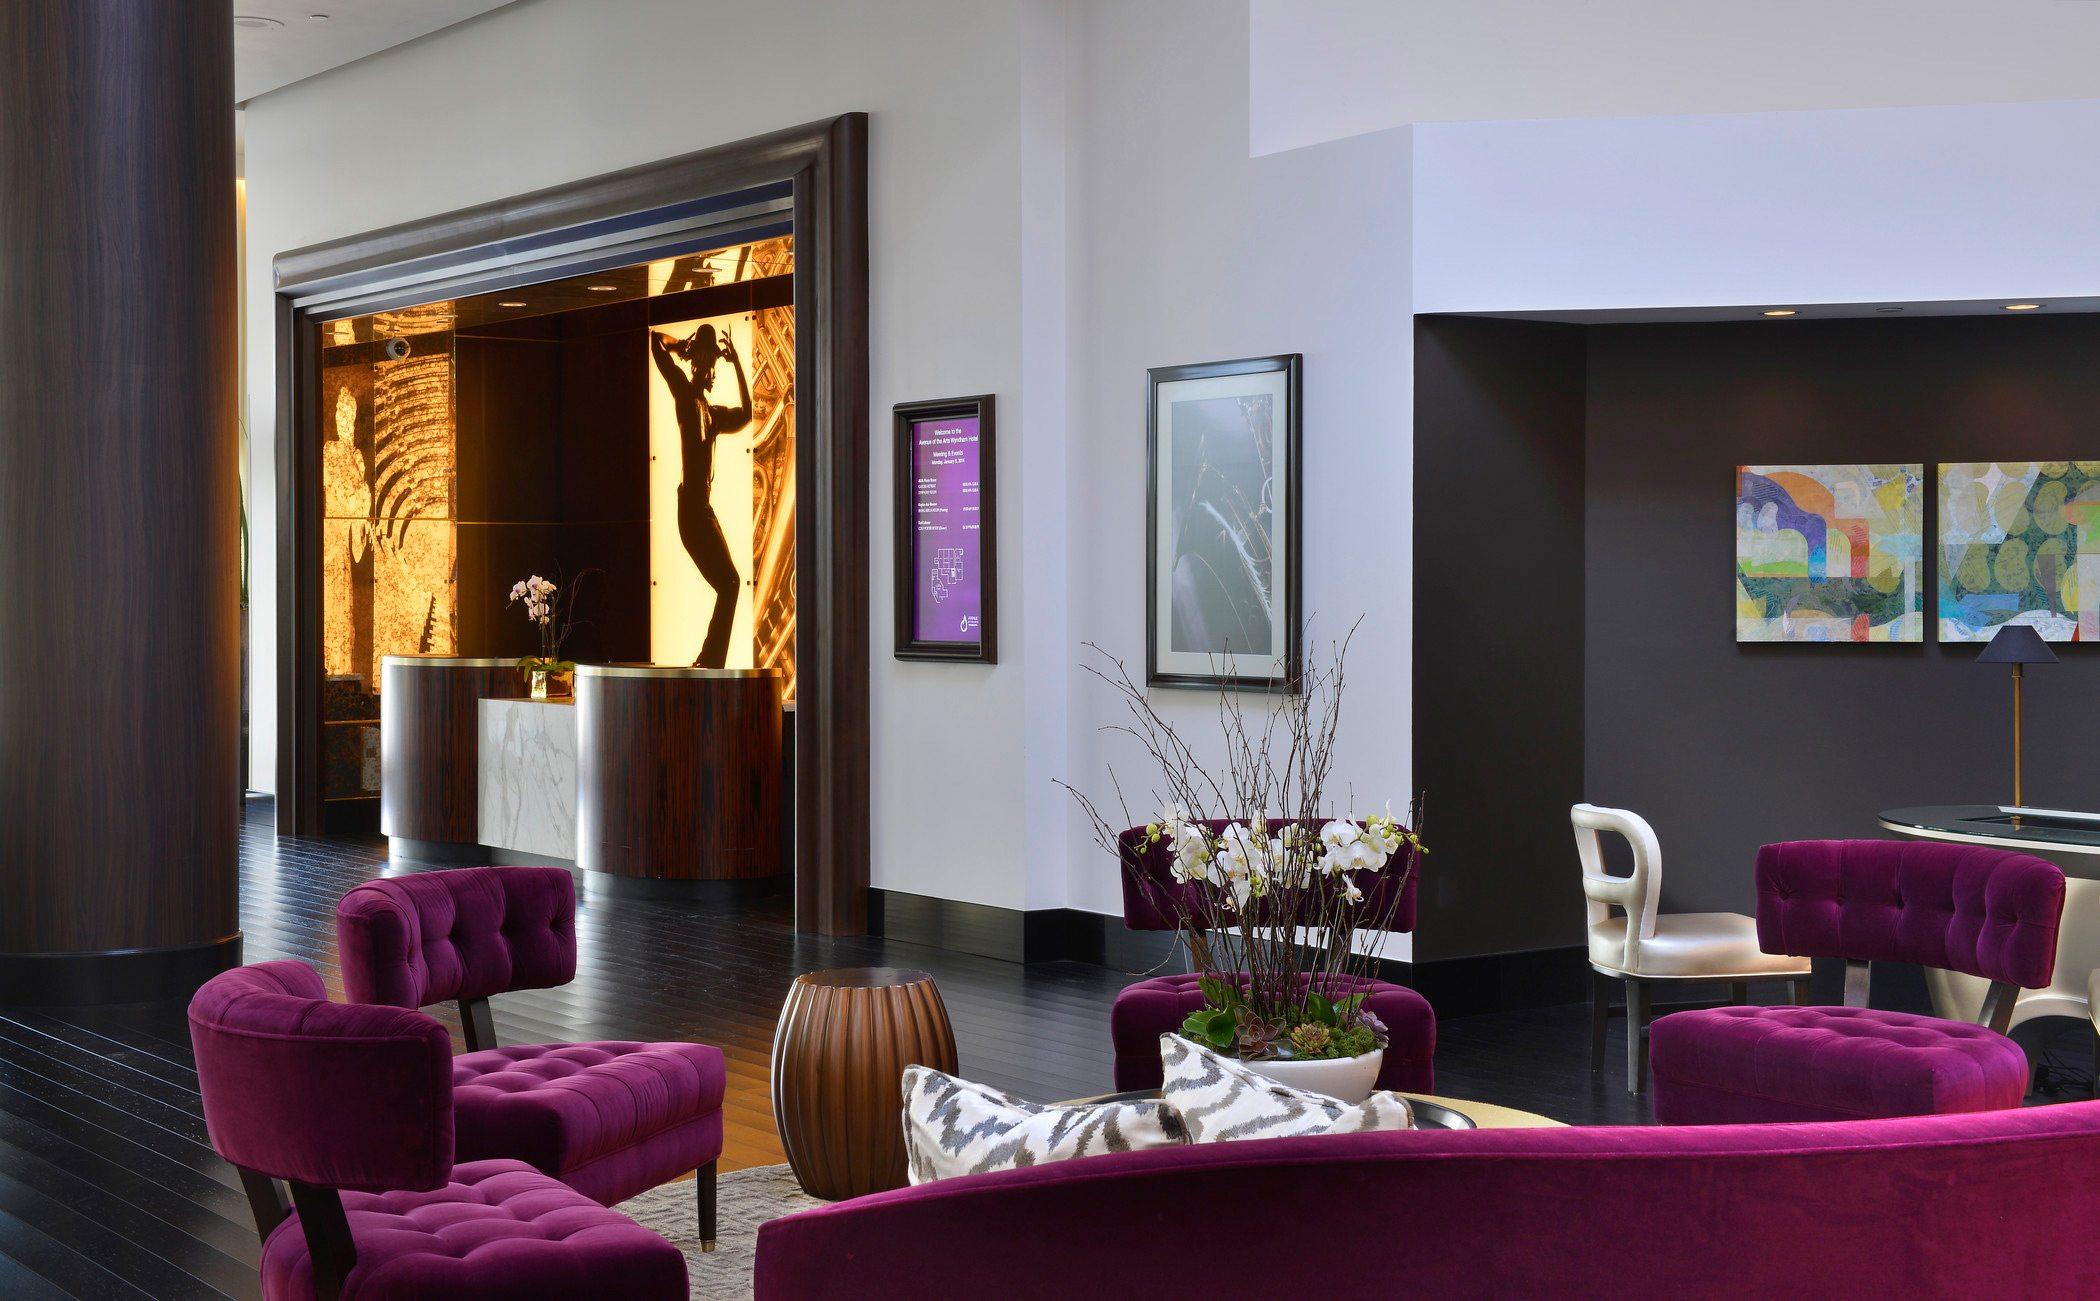 tufted purple sofa set on living room